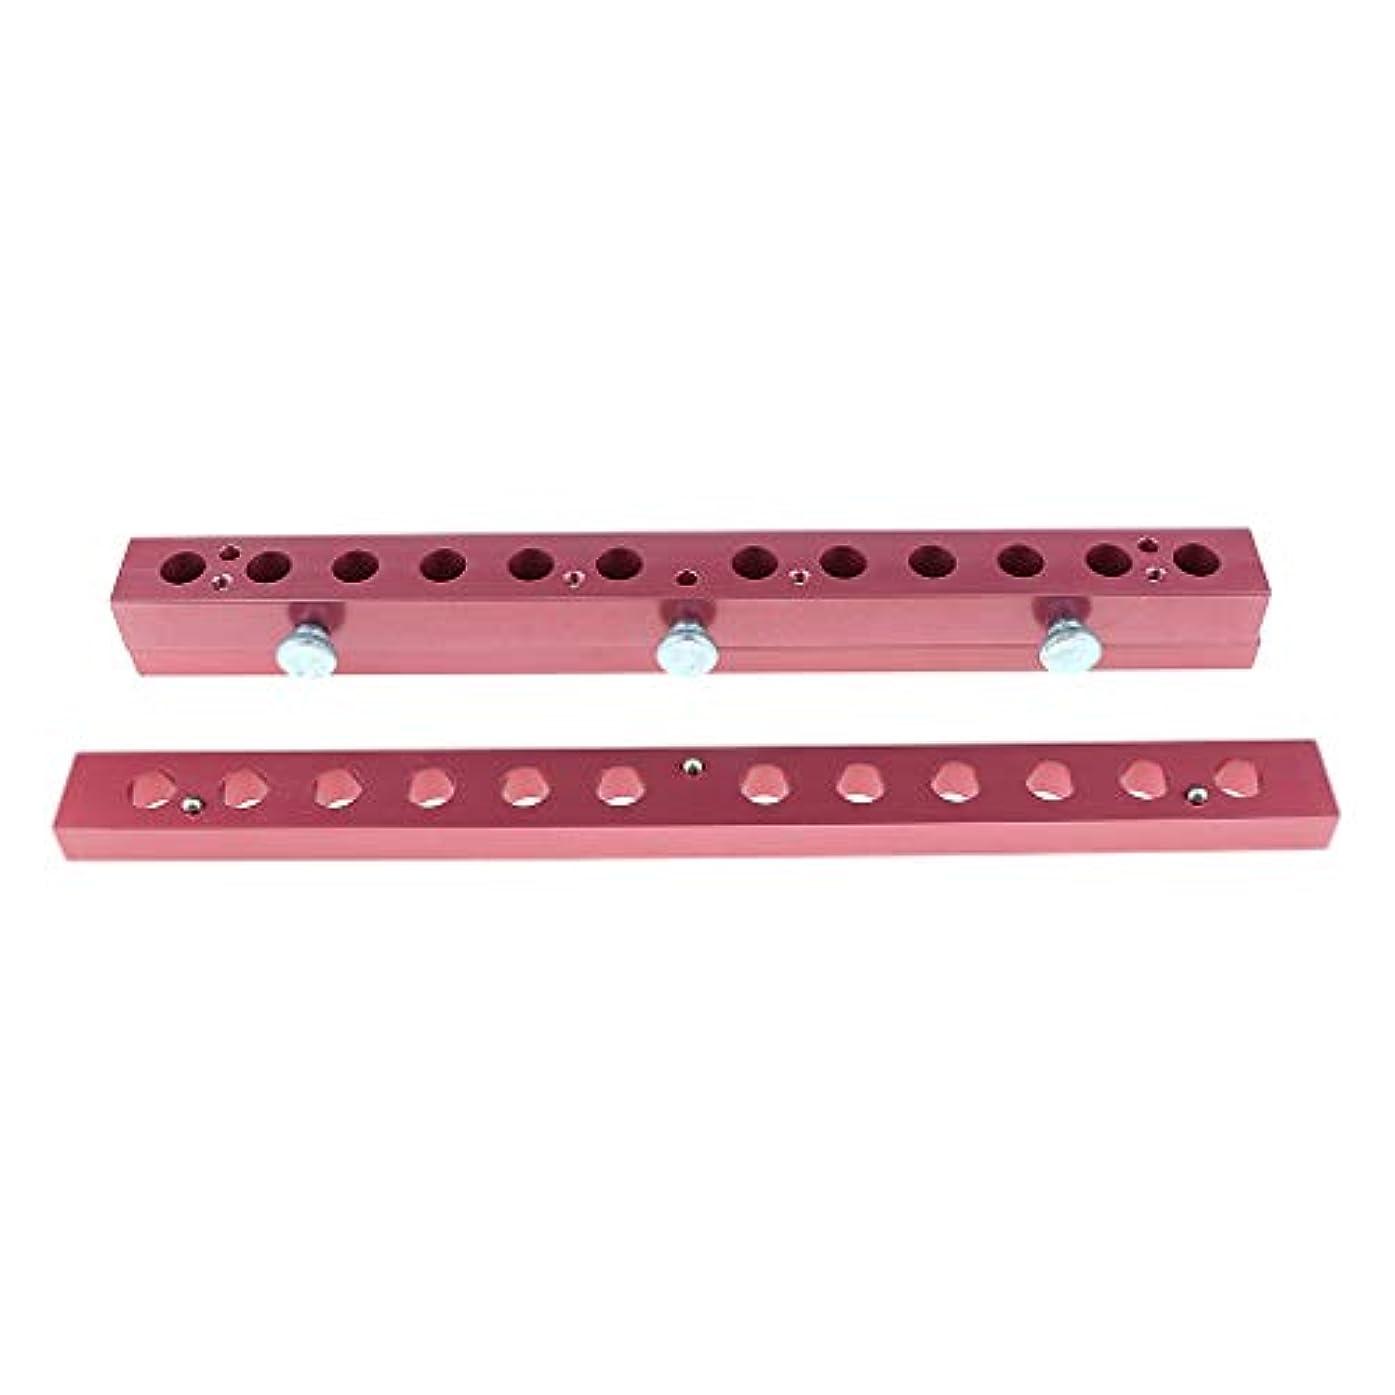 スポンジ彫る頑張る12のキャビティ穴の口紅型アルミニウム12.1mmの管DIYの唇型の詰物 - 2way